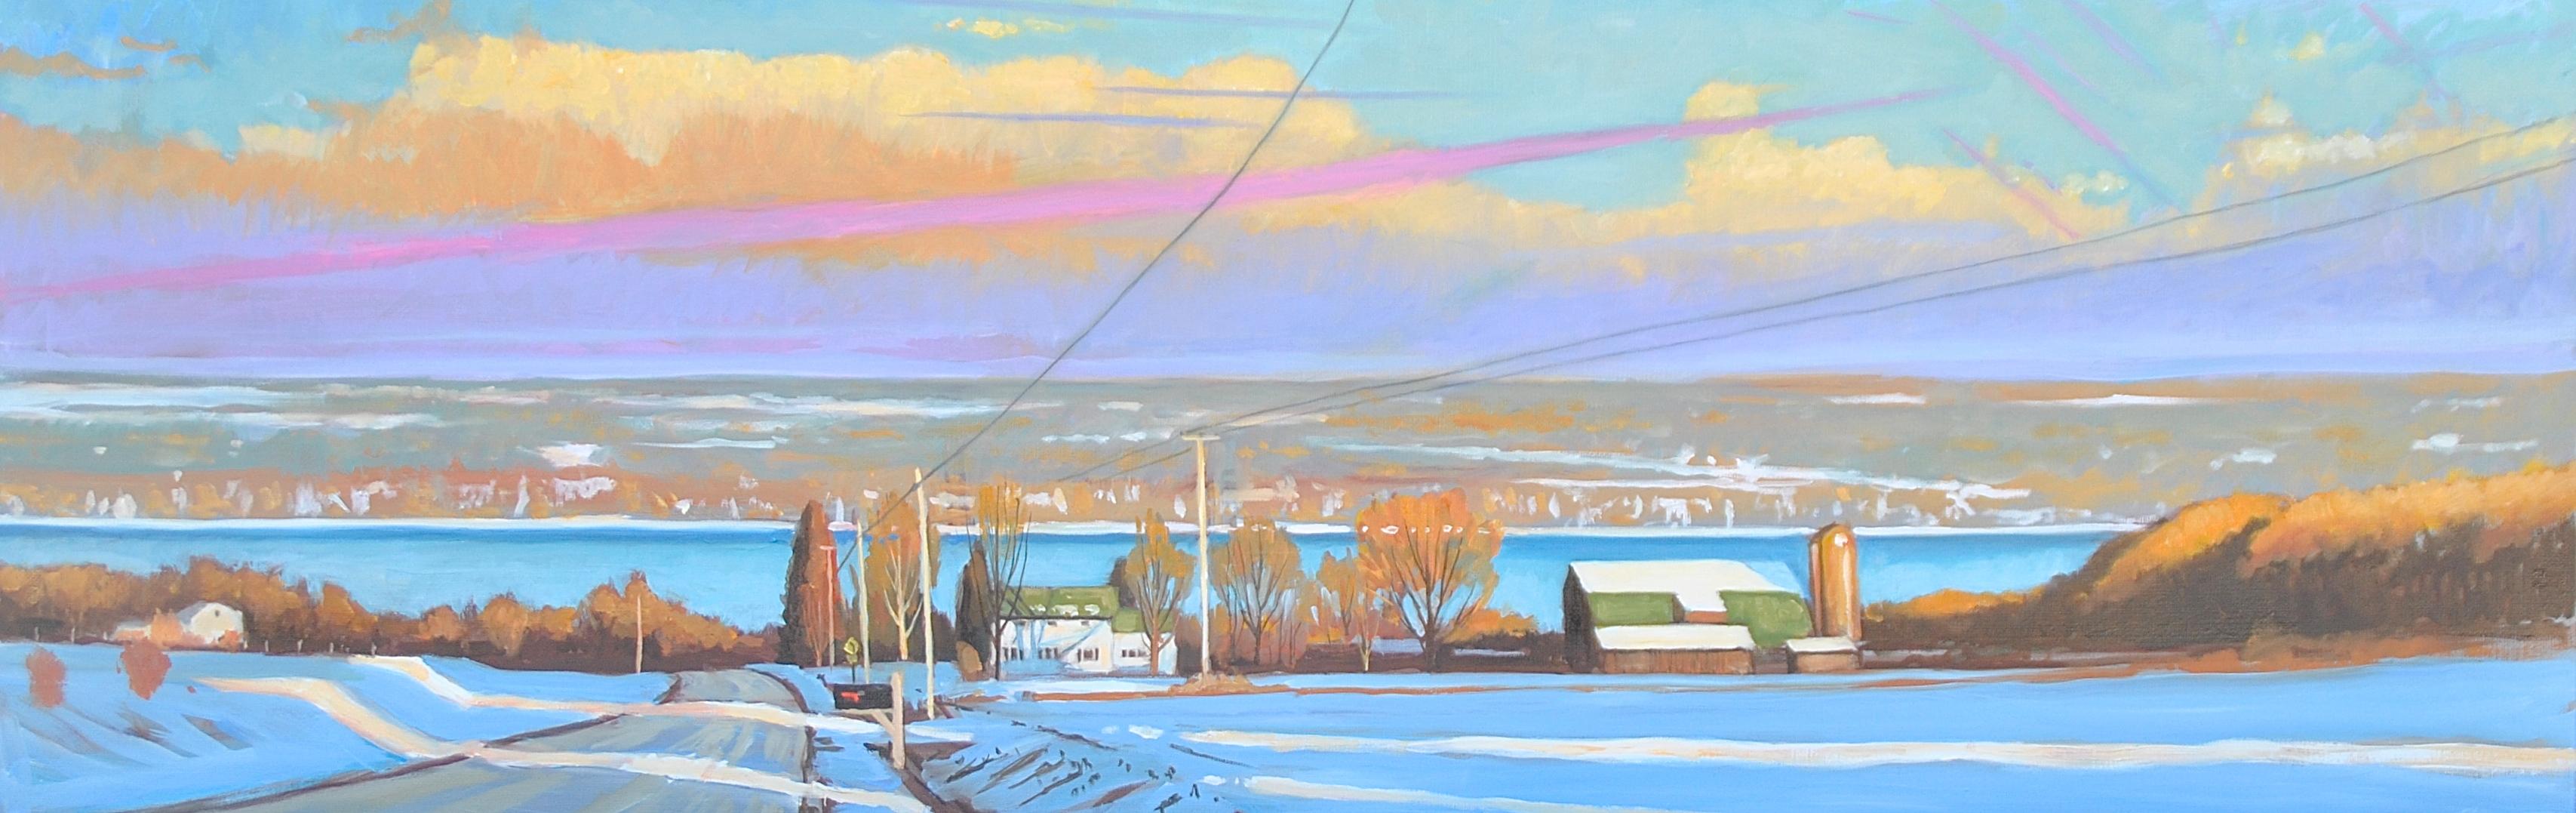 Winter Light Glenwood